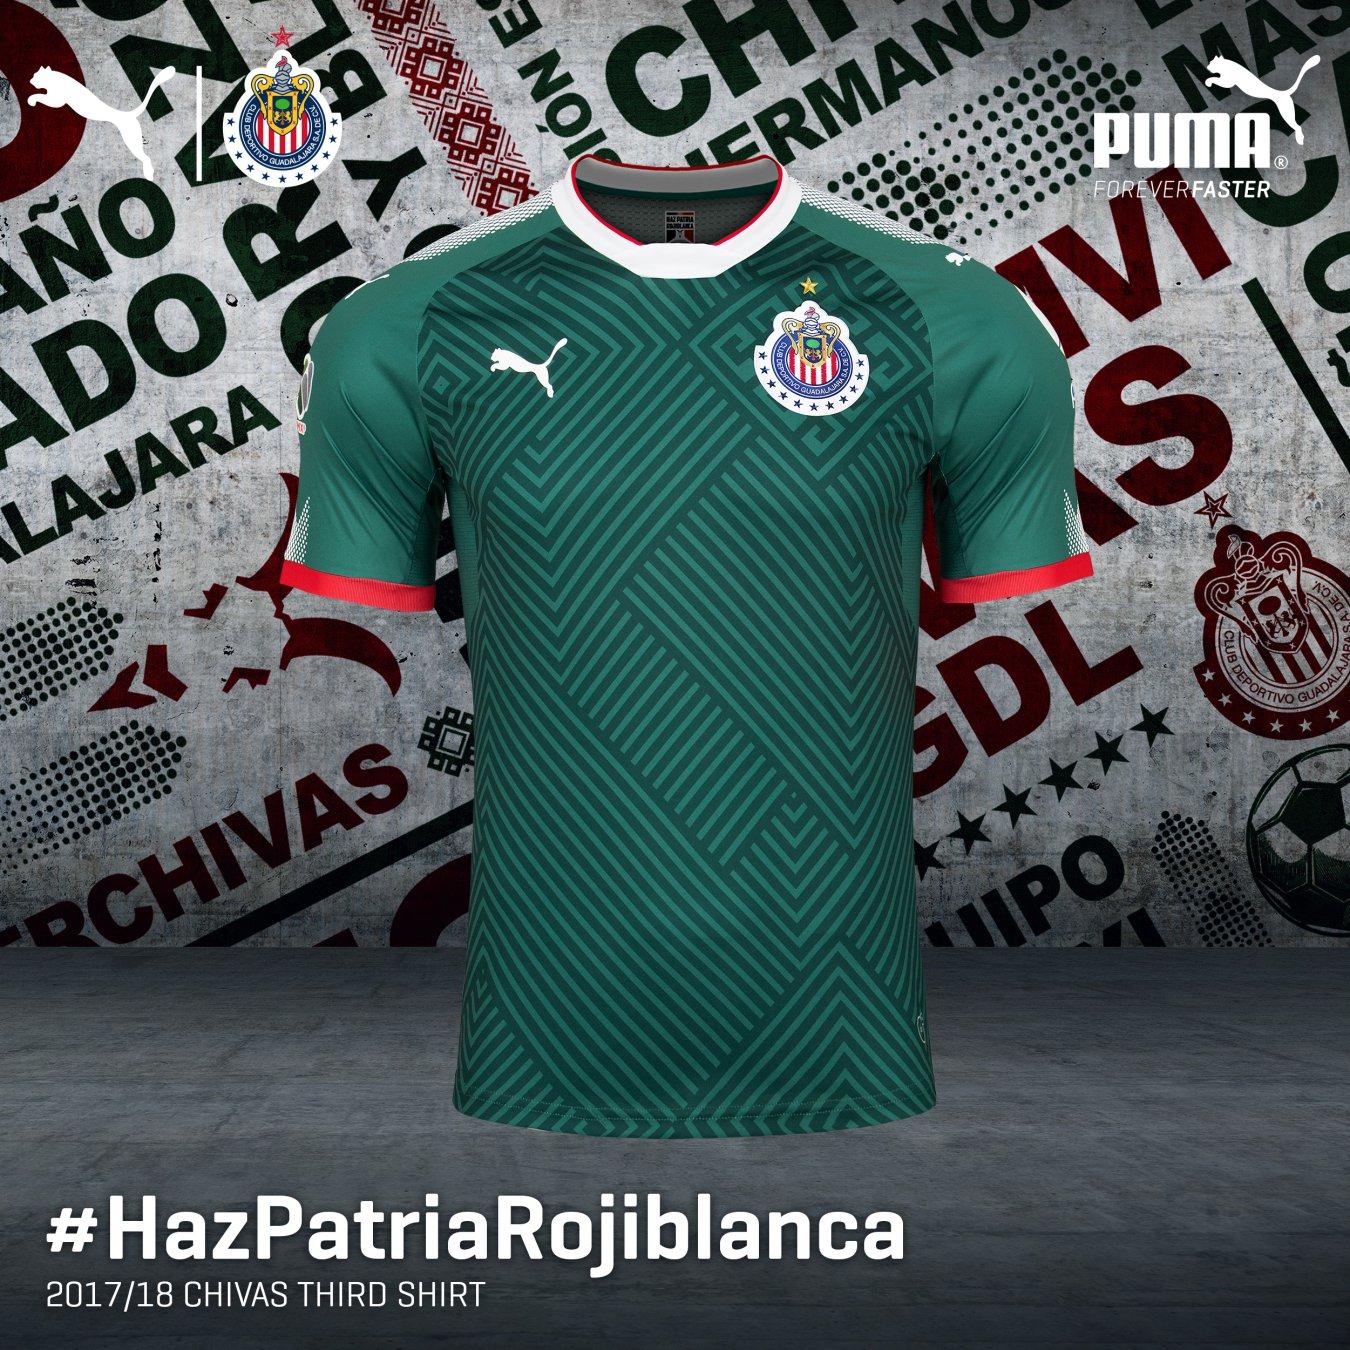 Chivas presenta nueva playera verde para el Apertura 2017 - AS México 1a9f5f500c6a9